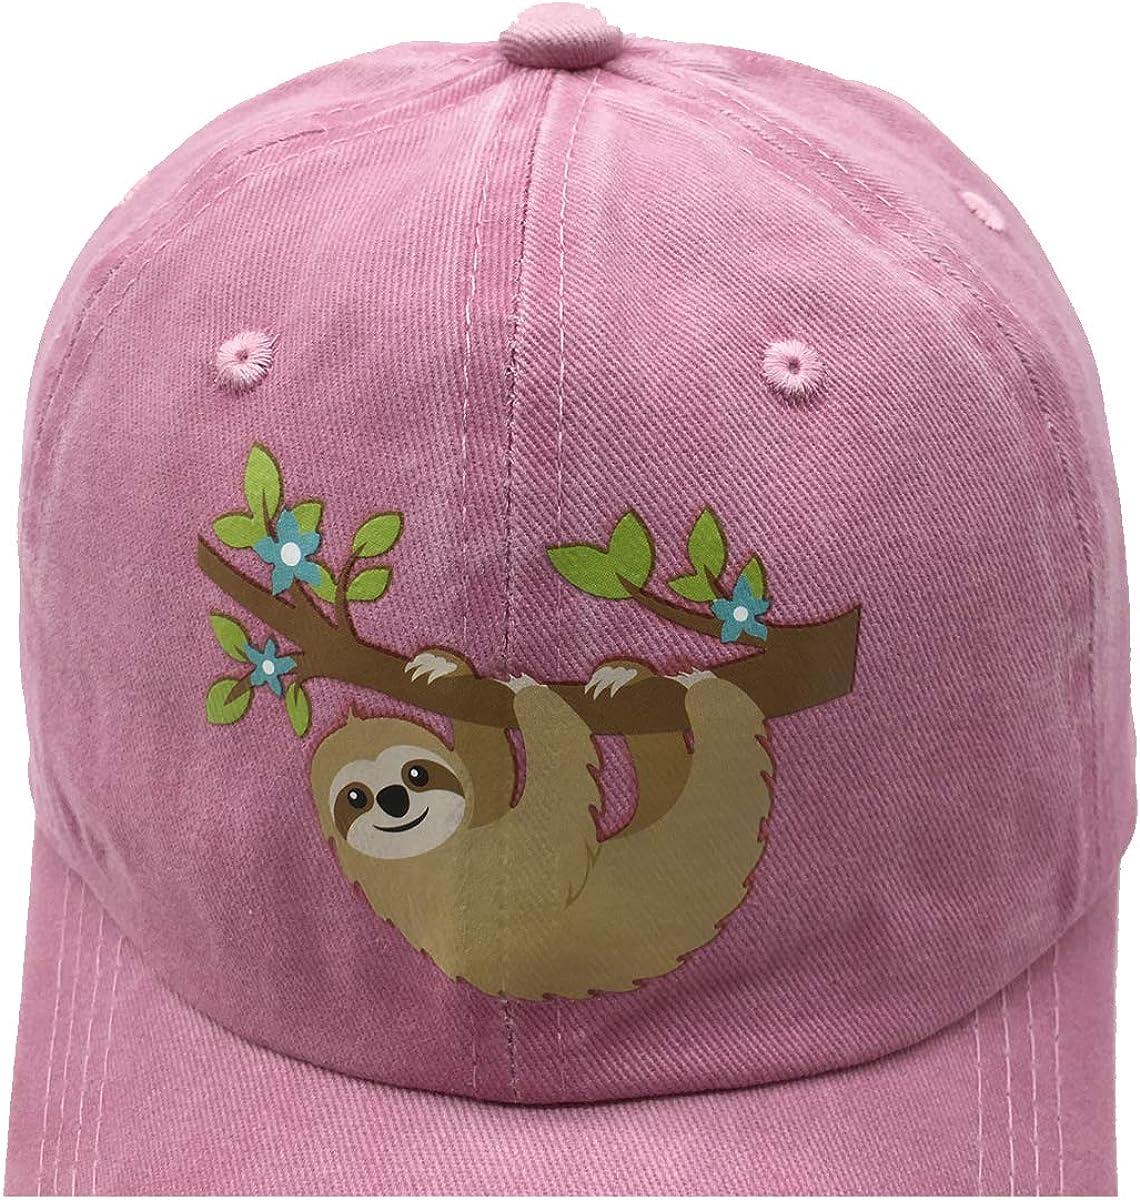 NVJUI JUFOPL Girls Cute Baseball Hat Washed Adjustable Vintage Funny Dad Cap for Kid Black